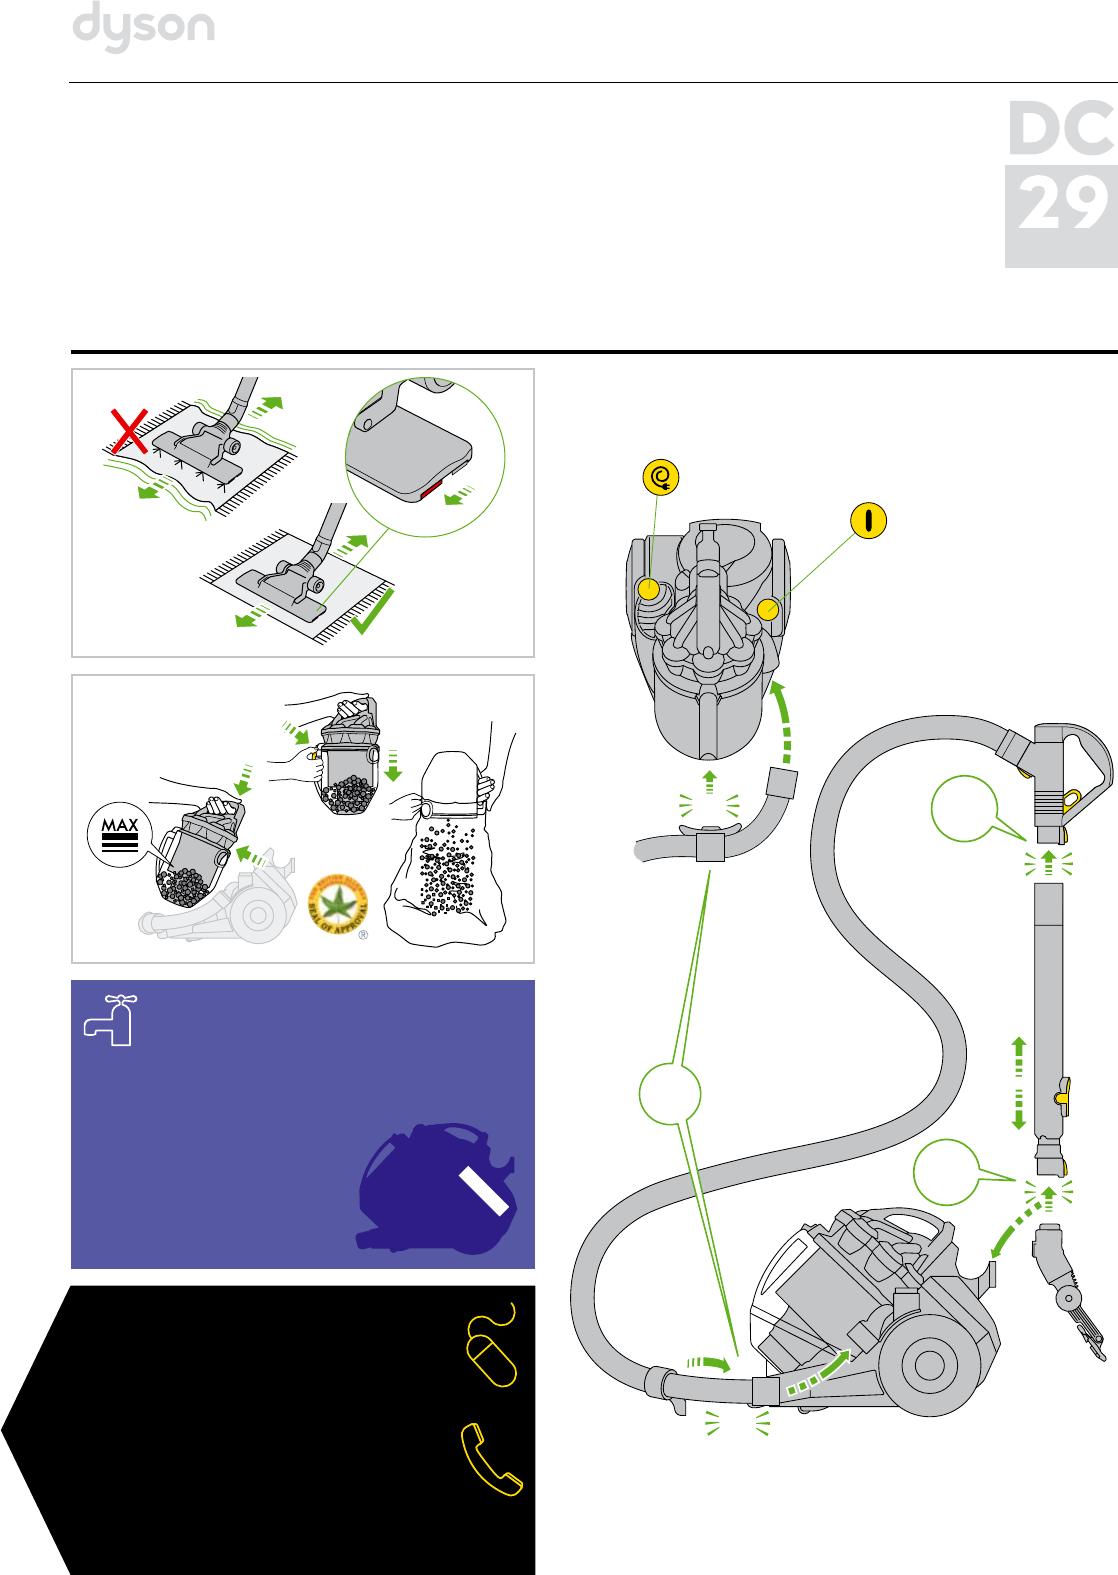 инструкция к dyson dc29